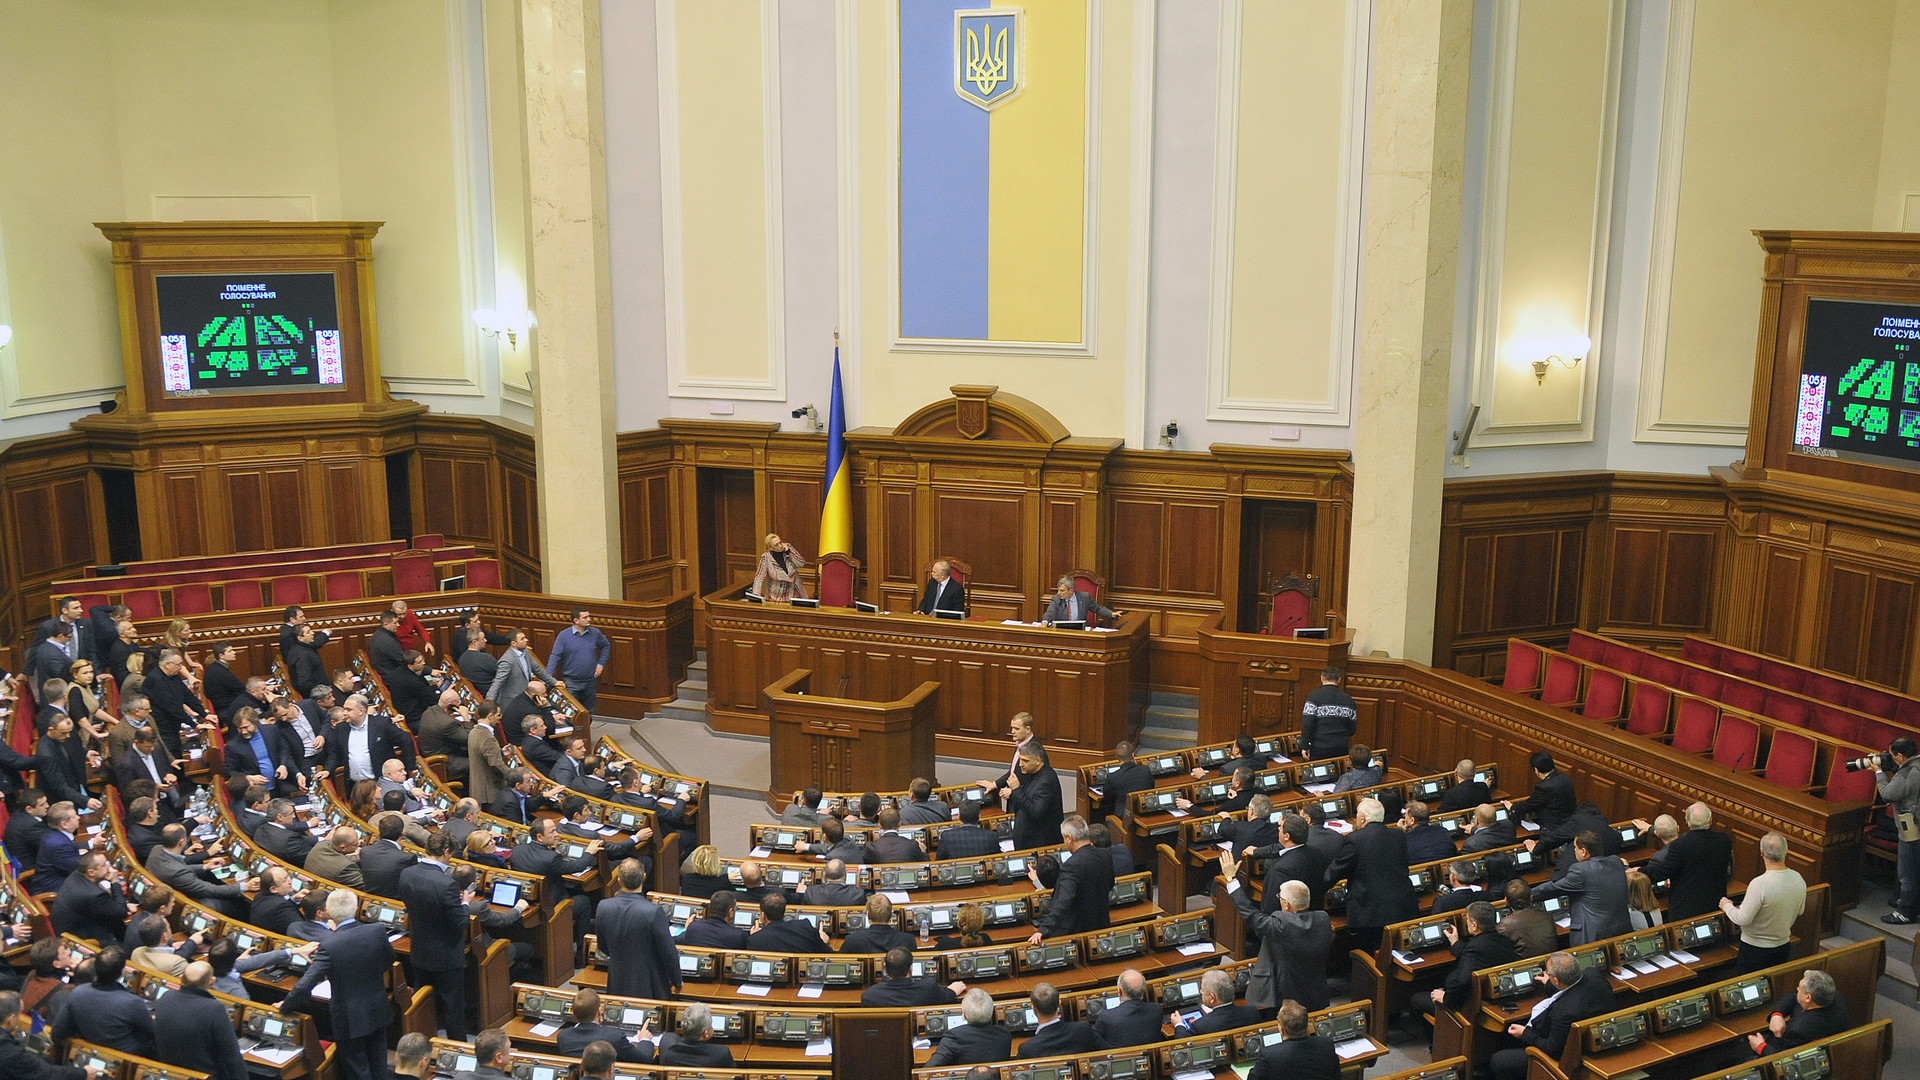 Убийственная реакция: кто из украинских политиков обрадовался смерти посла России в Турции